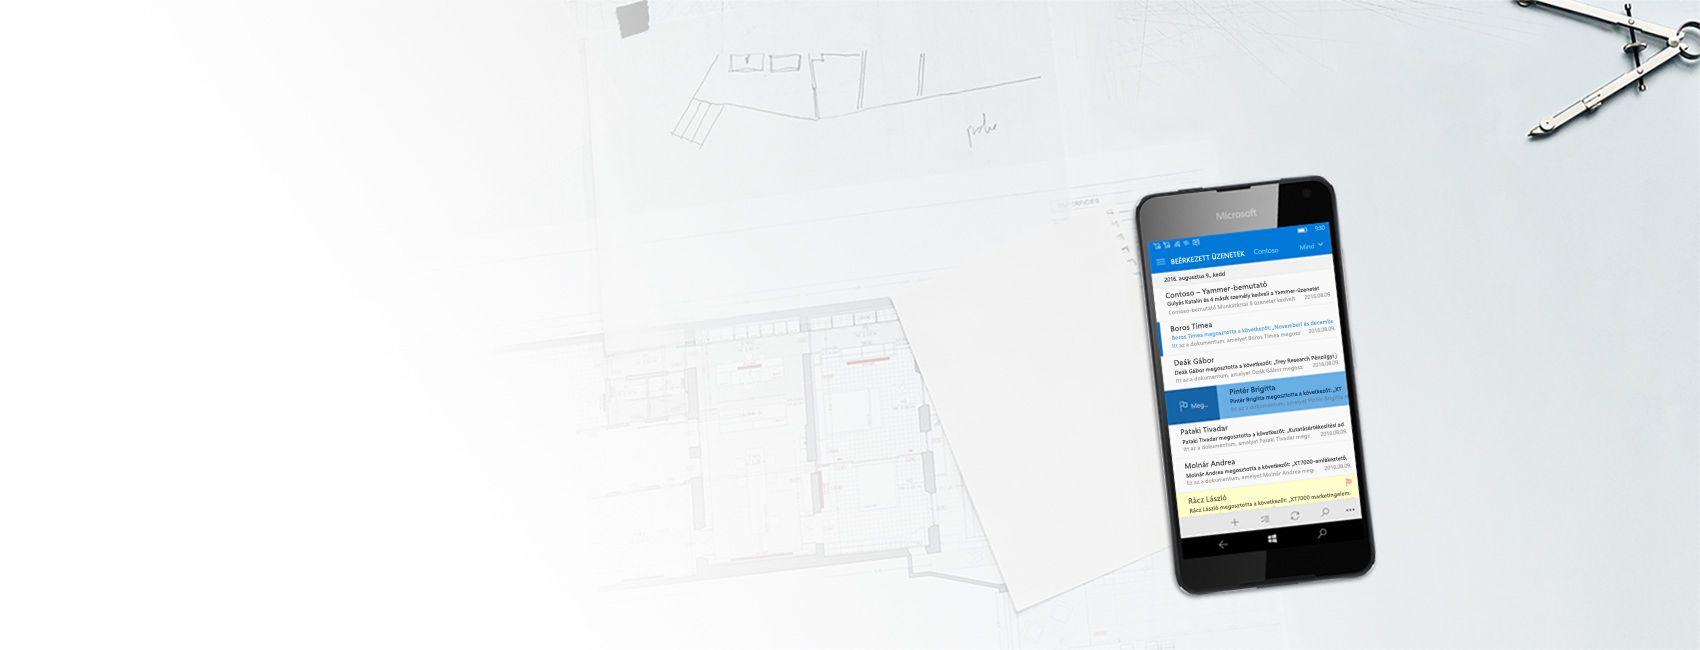 Windows-telefon, melynek a képernyőjén egy e-mail-postaláda tartalma látható a Windows 10 Mobile-hoz készült Outlook appban